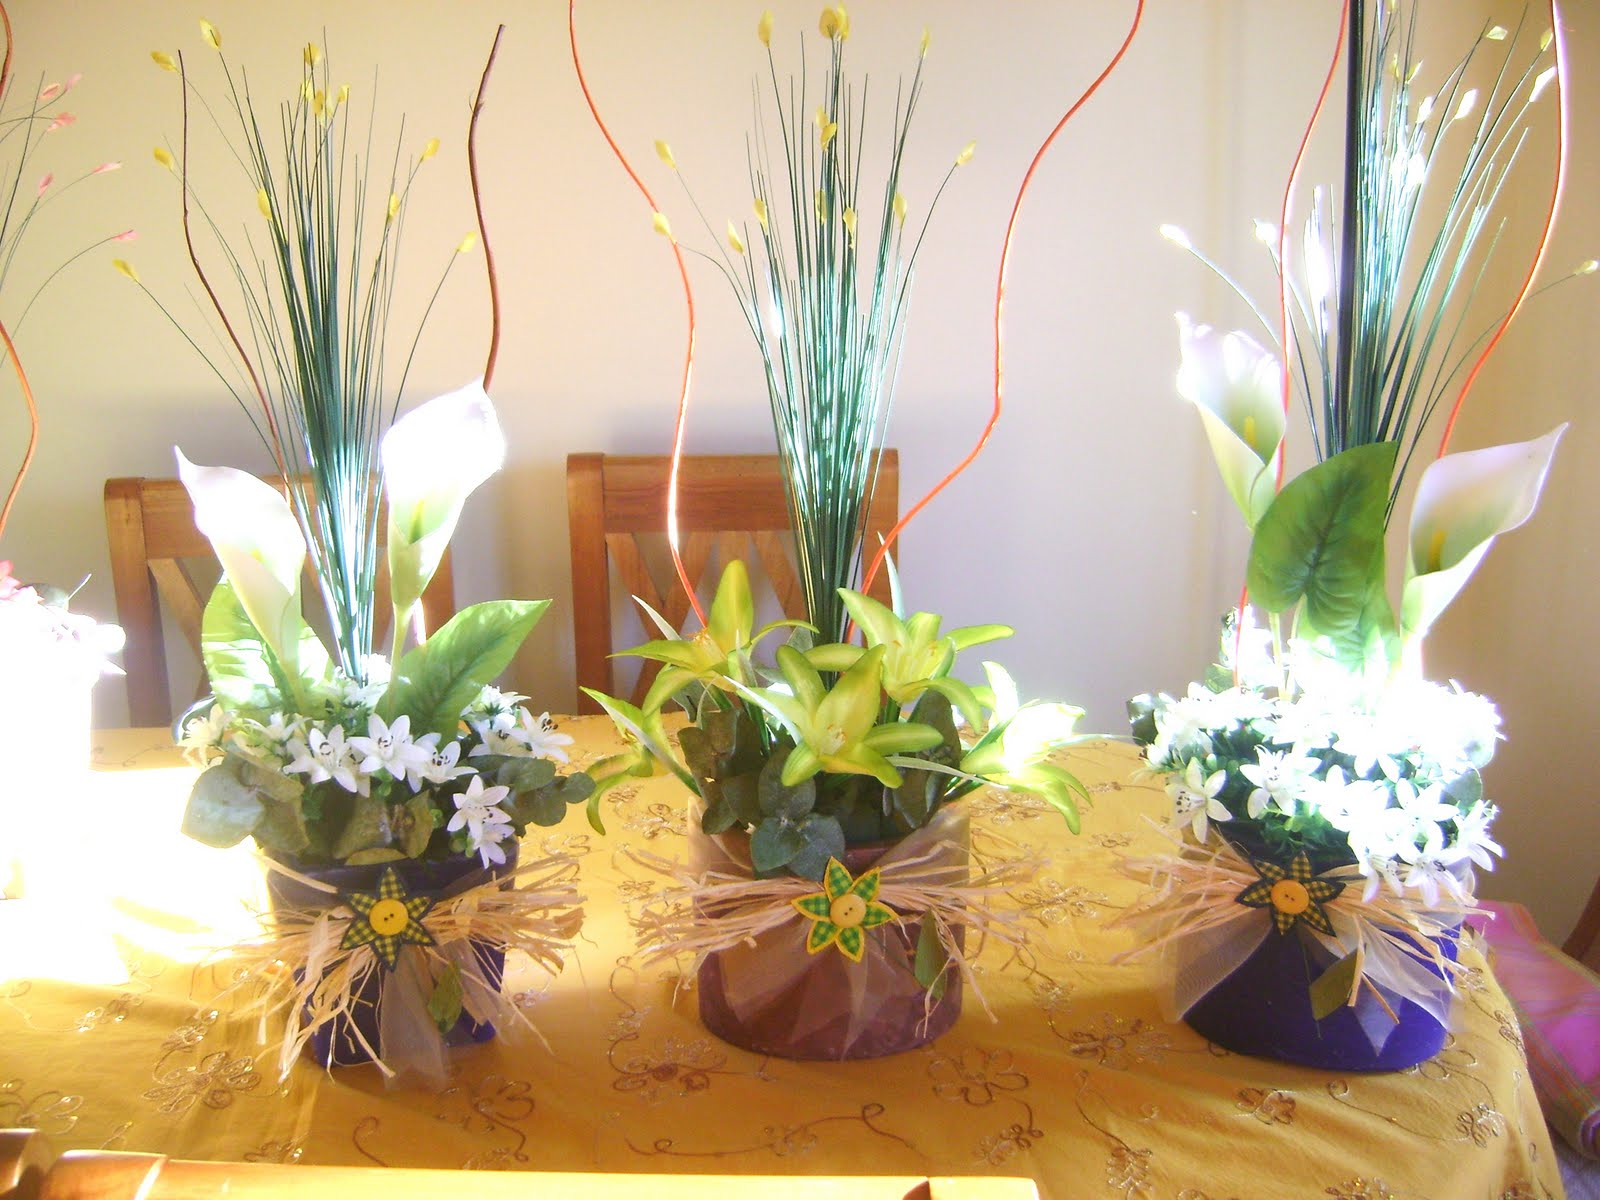 Como hacer arreglos florales - Plantas artificiales ...